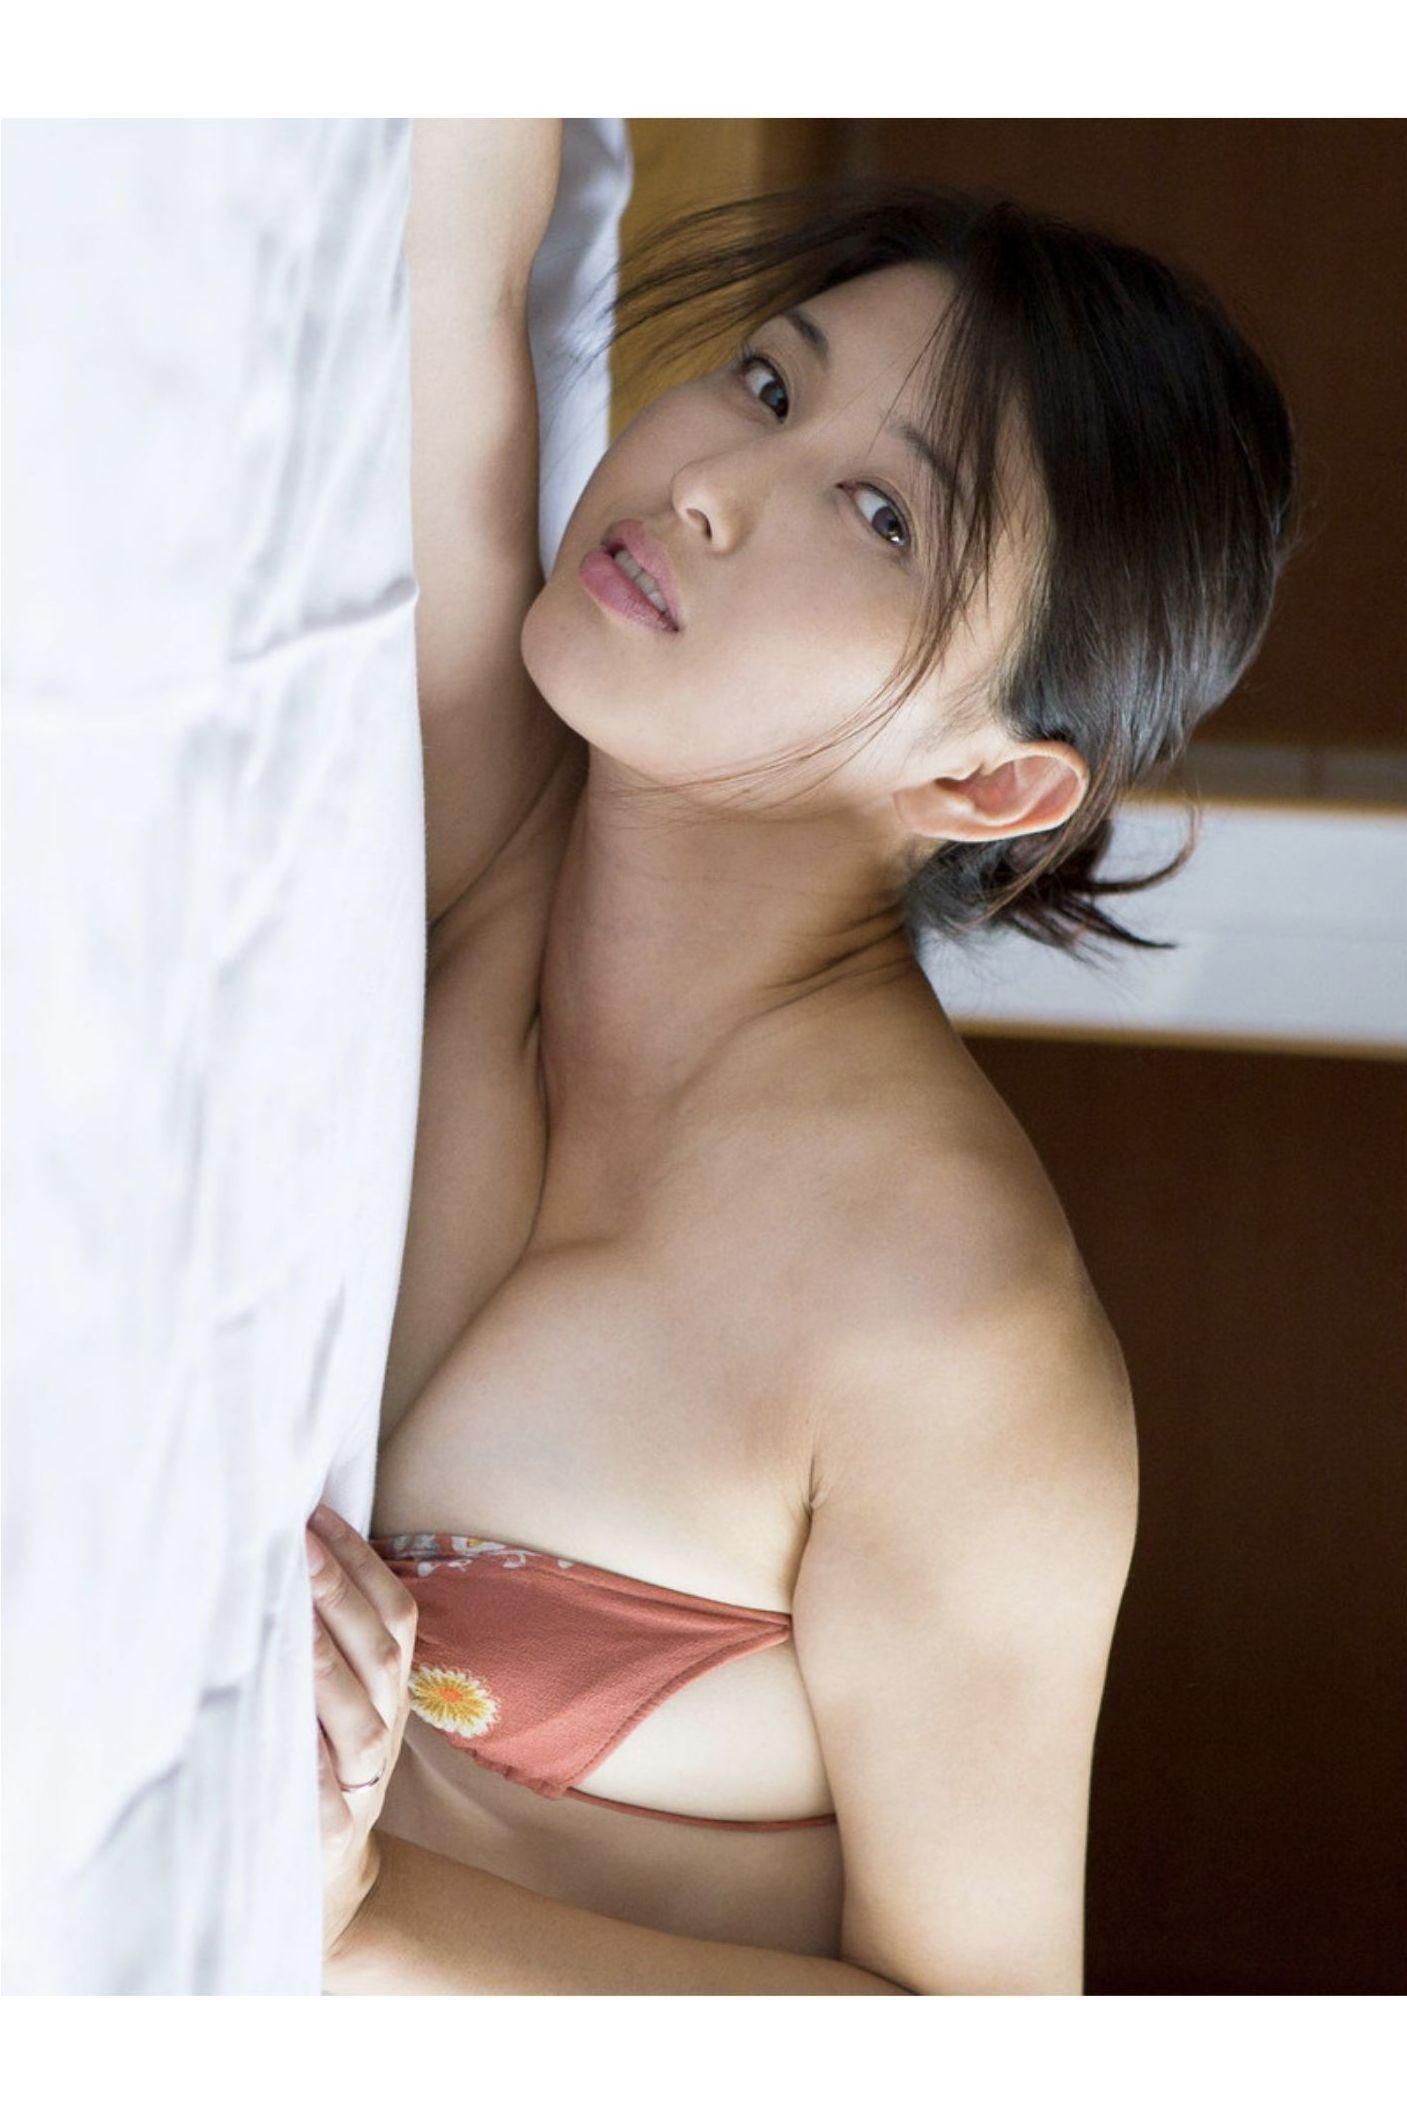 『愛の記憶』橋本マナミ デジタル写真集 018